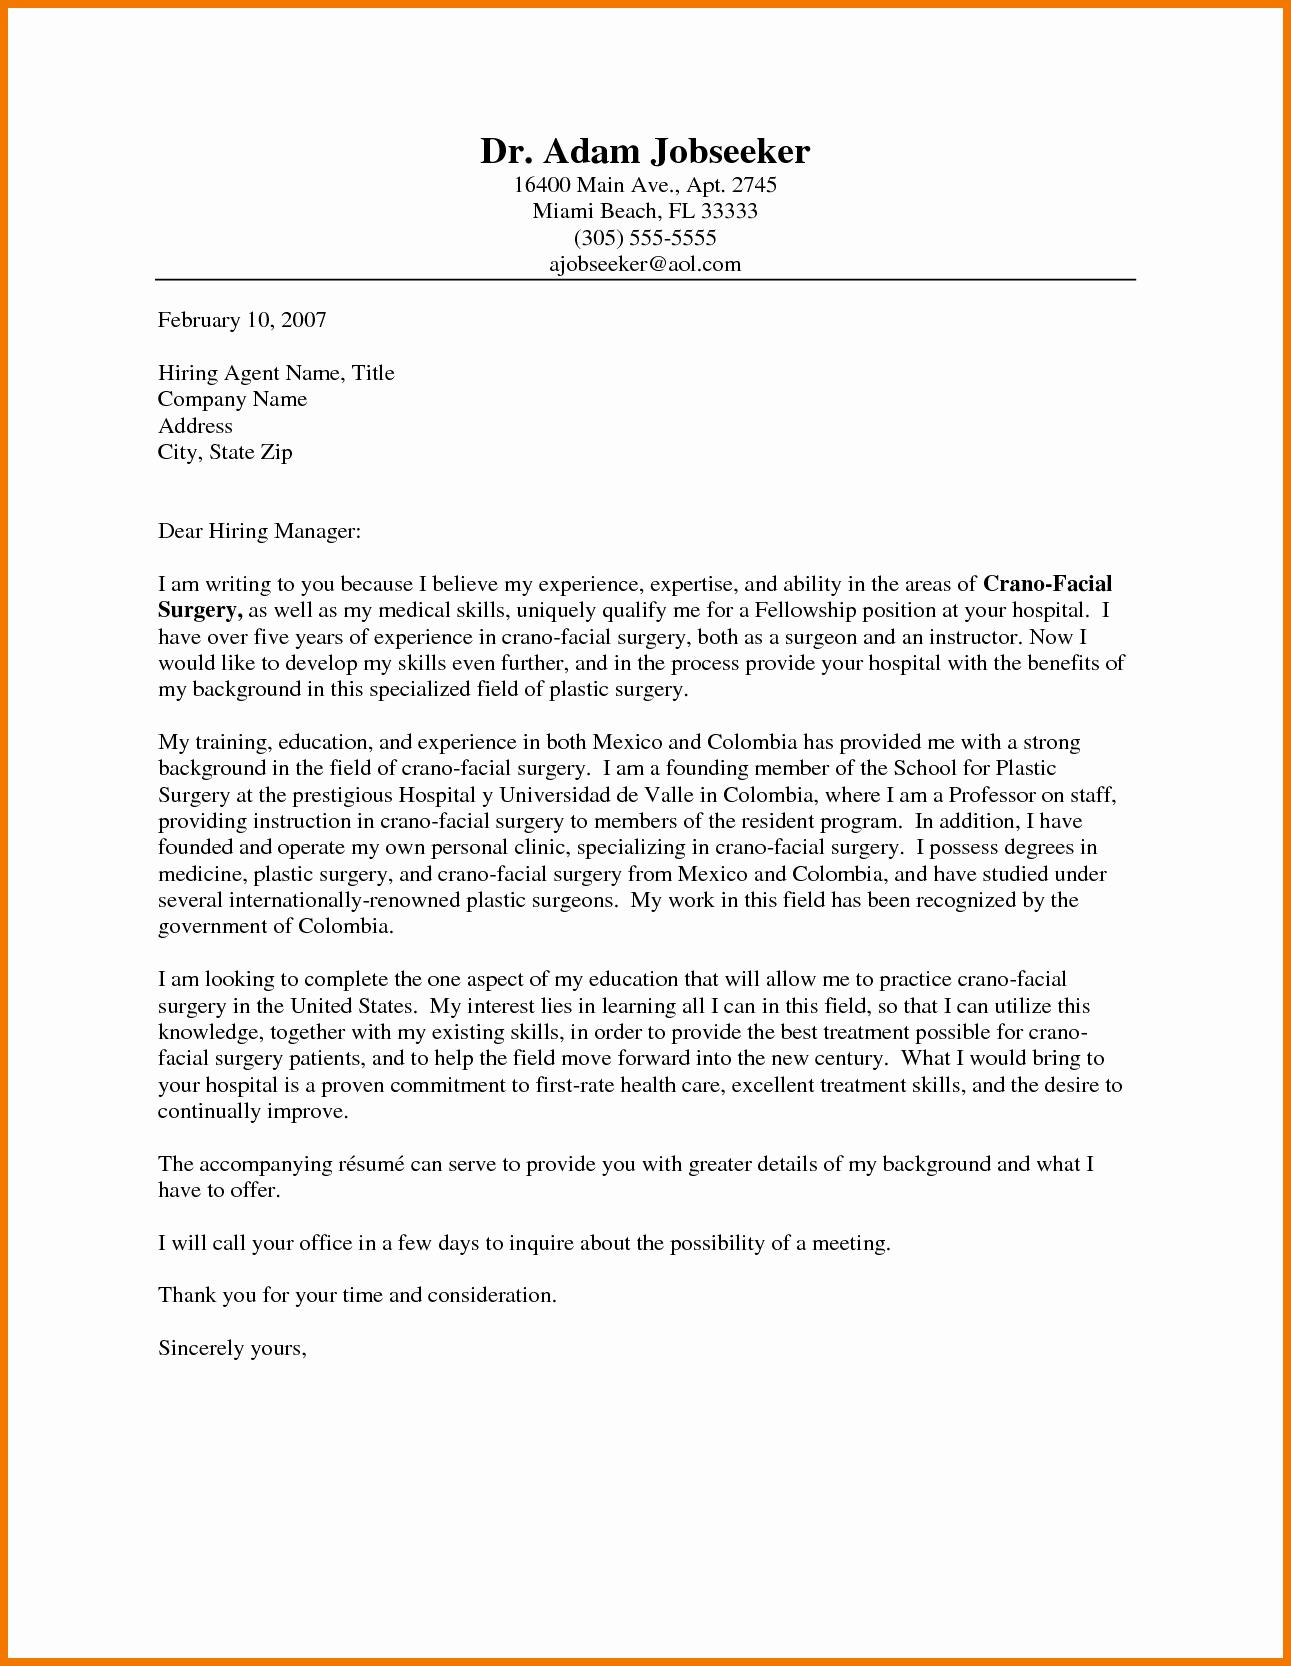 Marketing associate Cover Letter Cover Letter Samples